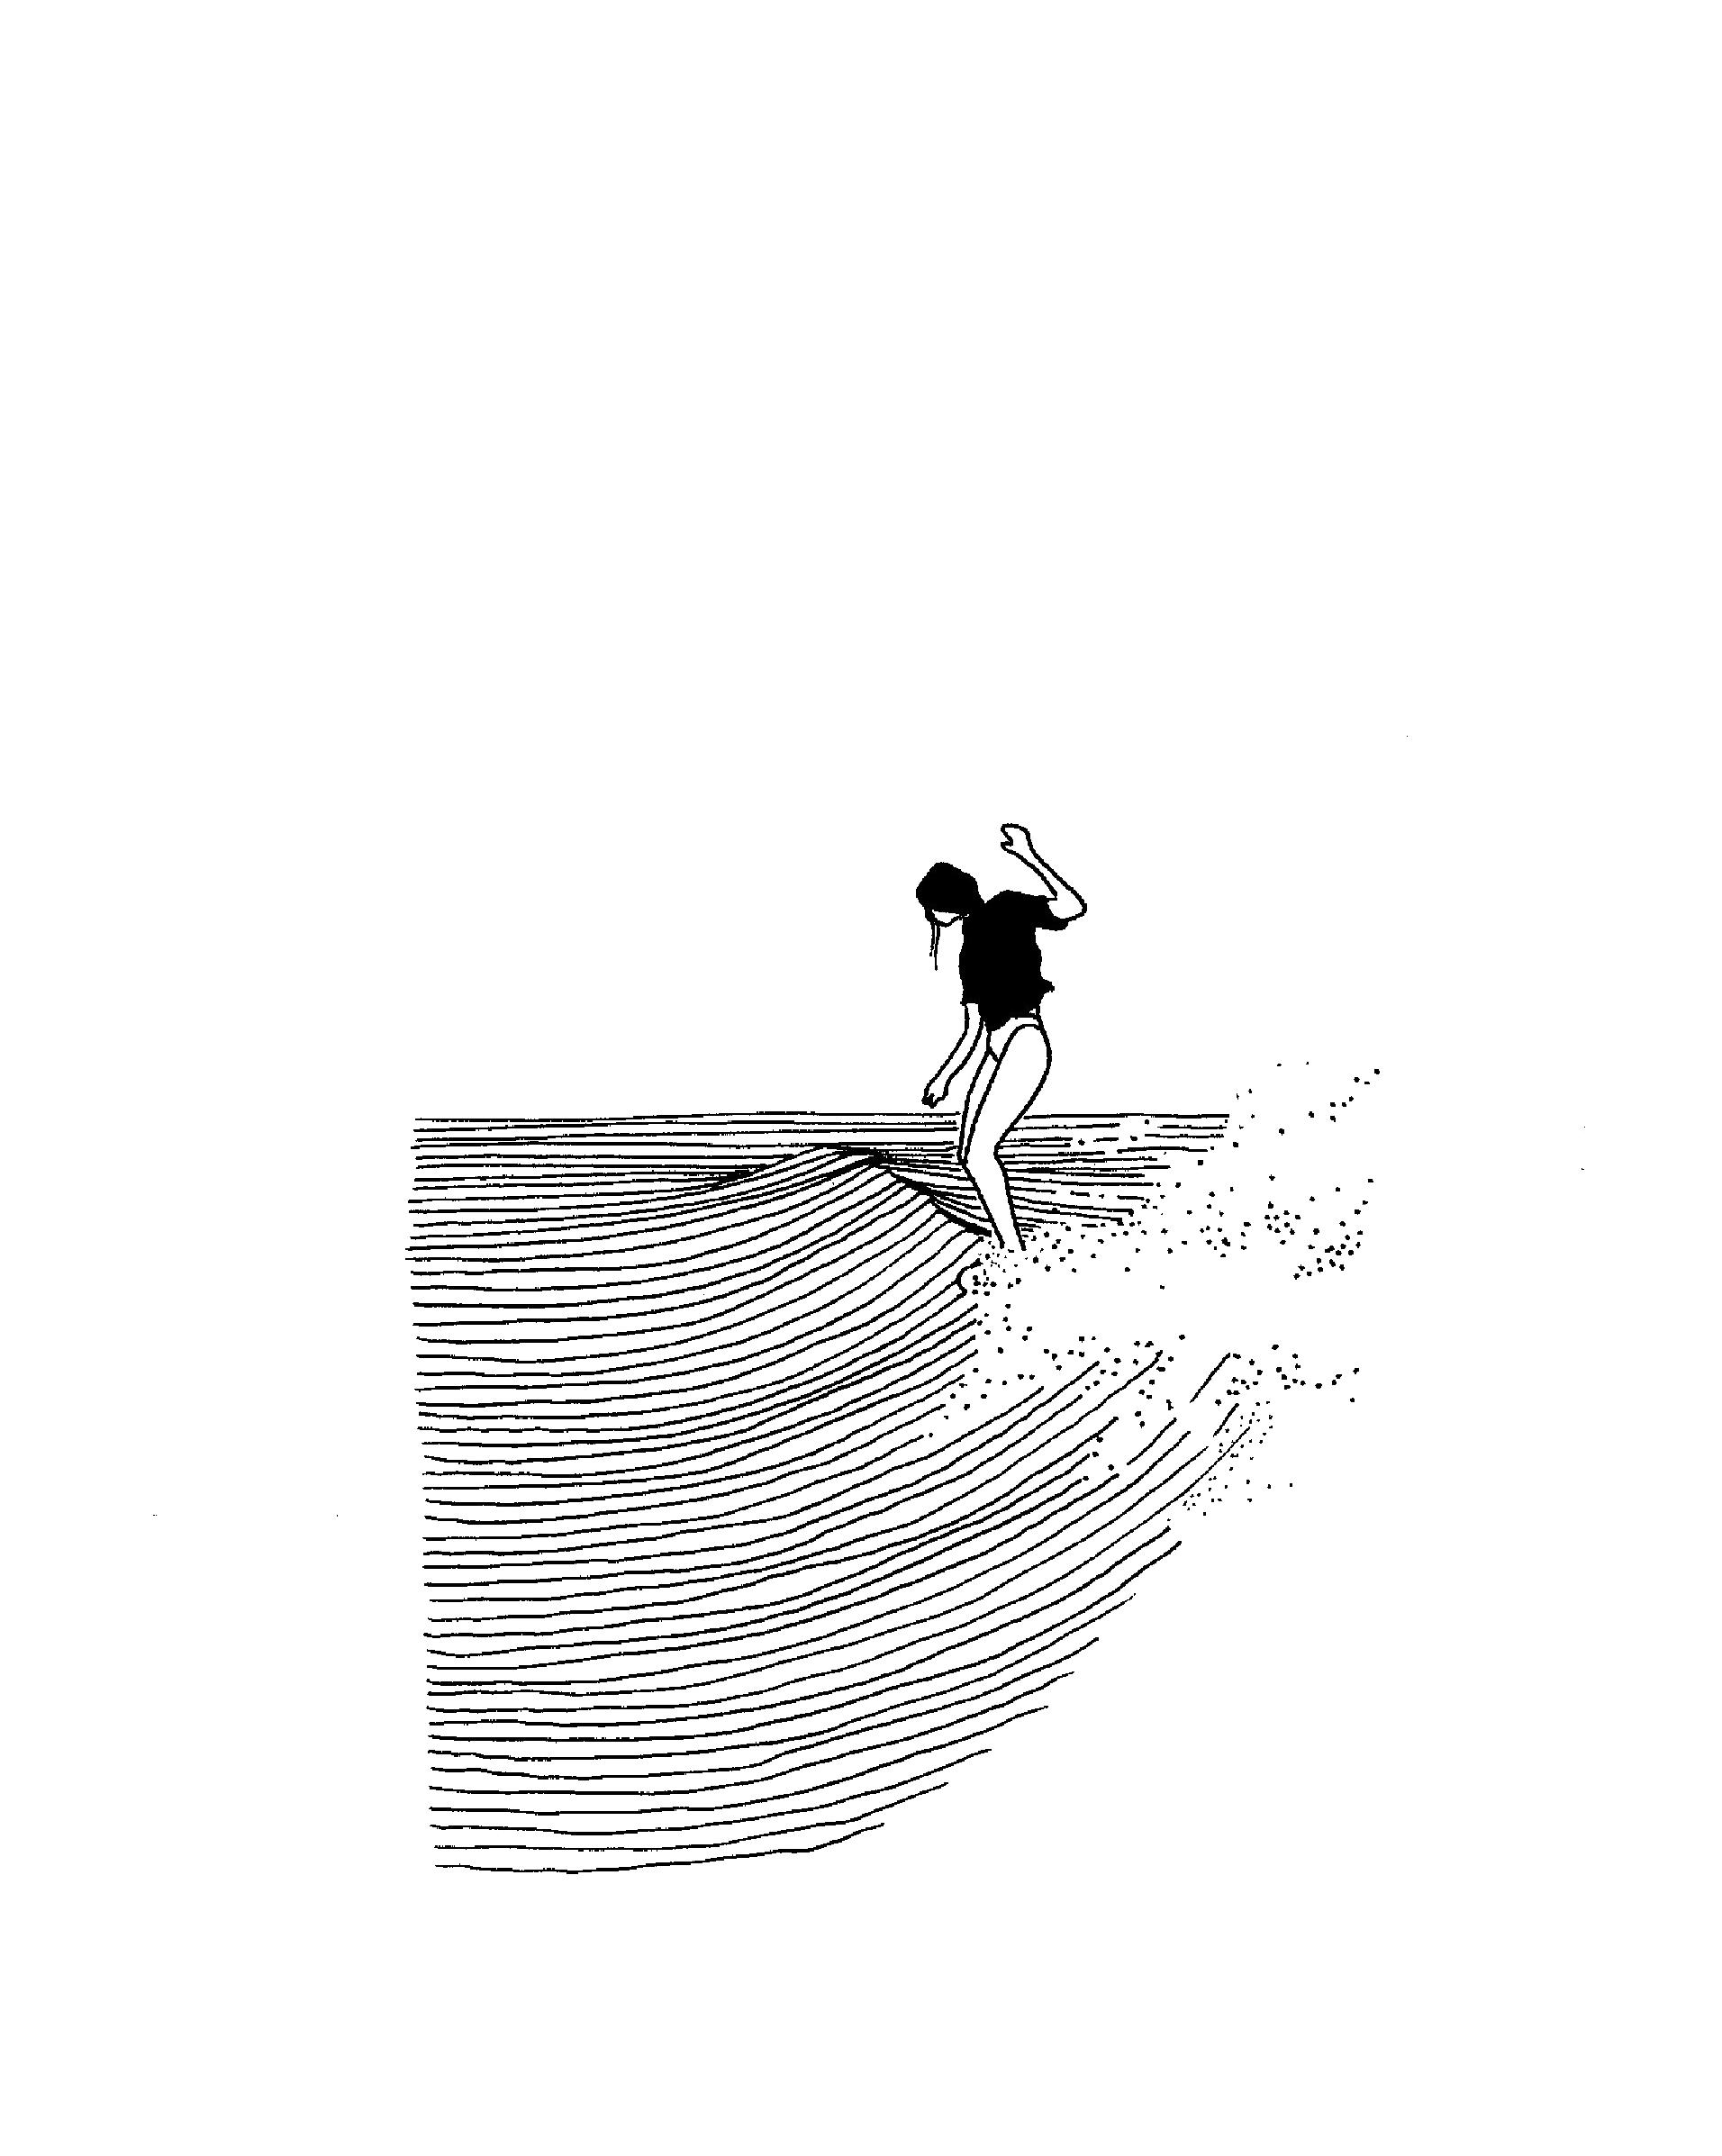 Surf: site de rencontre pour adeptes du sport: surf